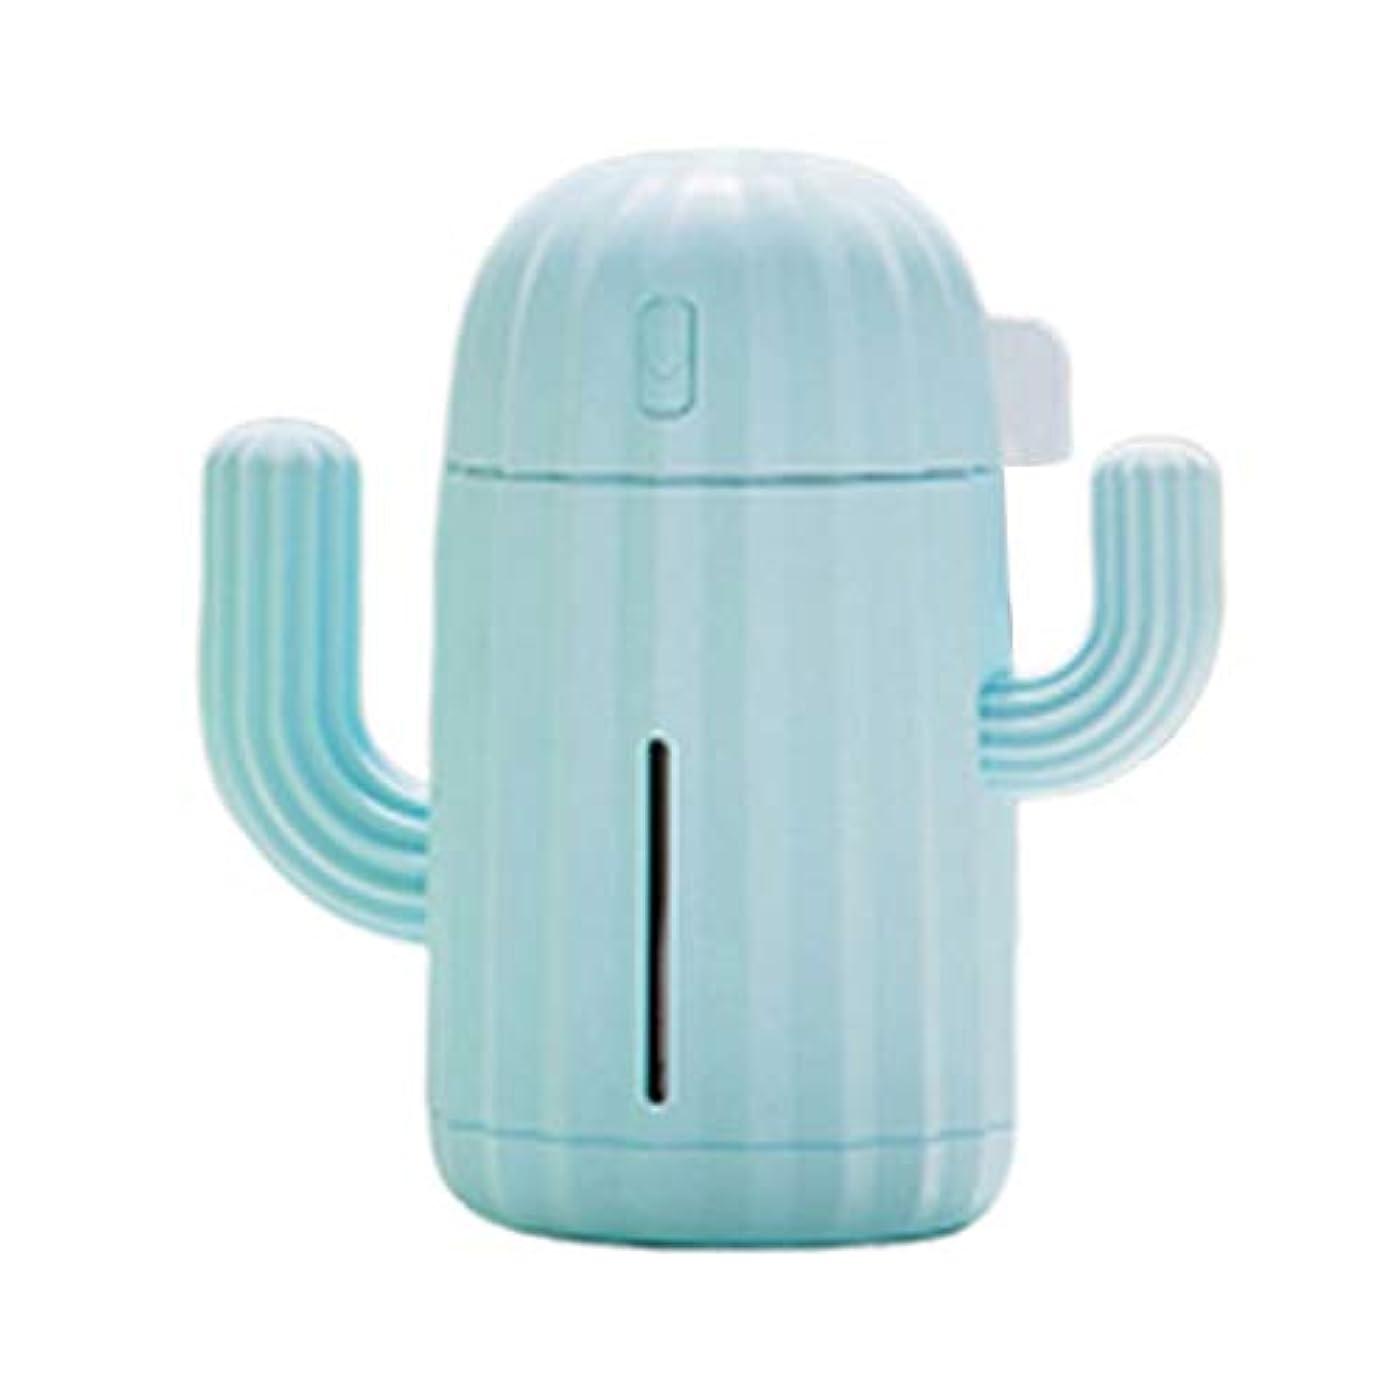 それ平行バトル340Ml Usb Air Humidifier Cactus Timing Aromatherapy Diffuser Mist Mini Aroma Atomizer for Home Essential Oil Diffuser...